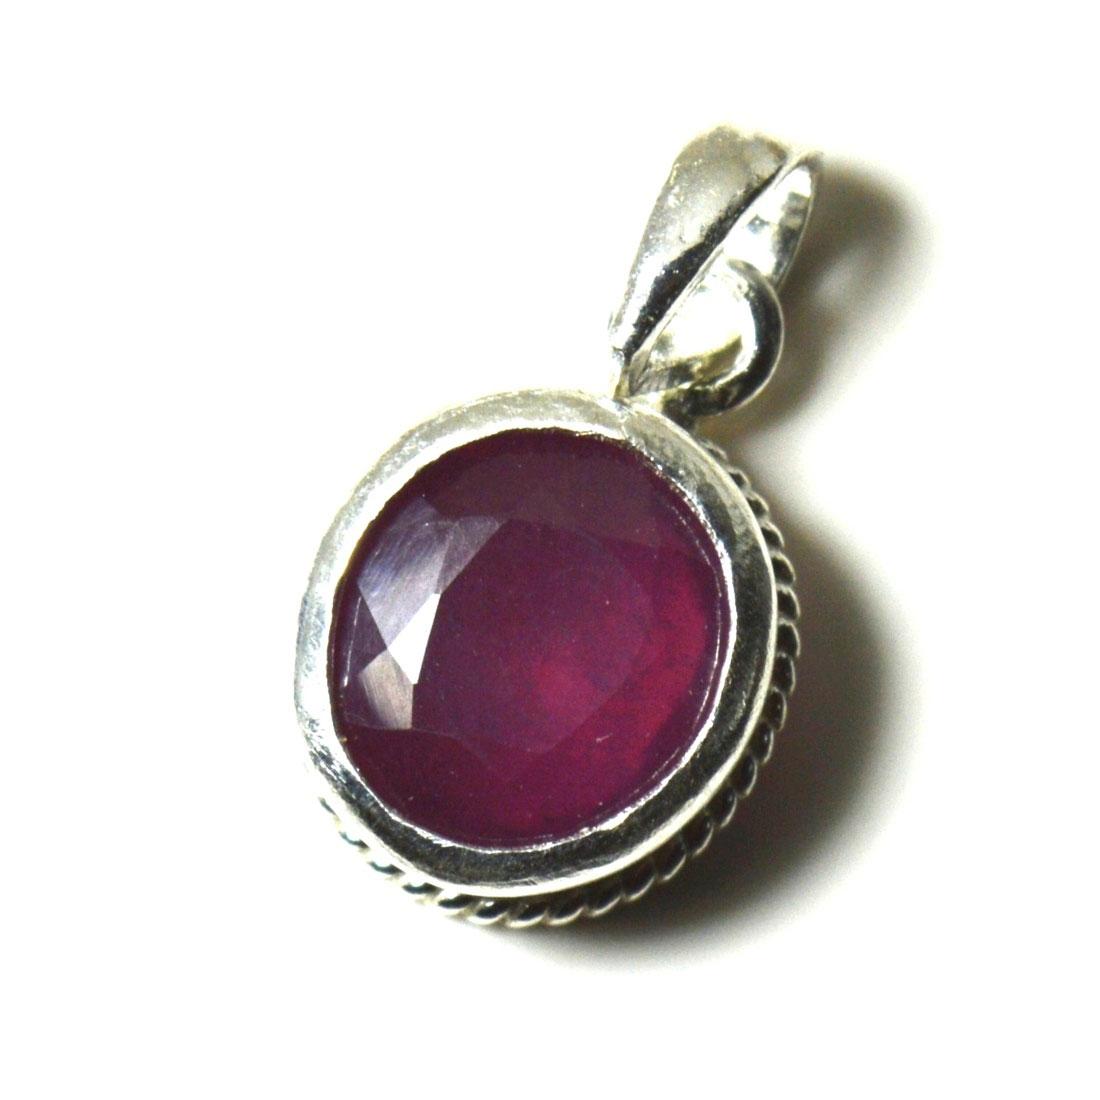 Echte-Rubin-925-Sterling-Silber-5-Karat-Anhanger-Charm-Halskette-roten-Schmuck Indexbild 2